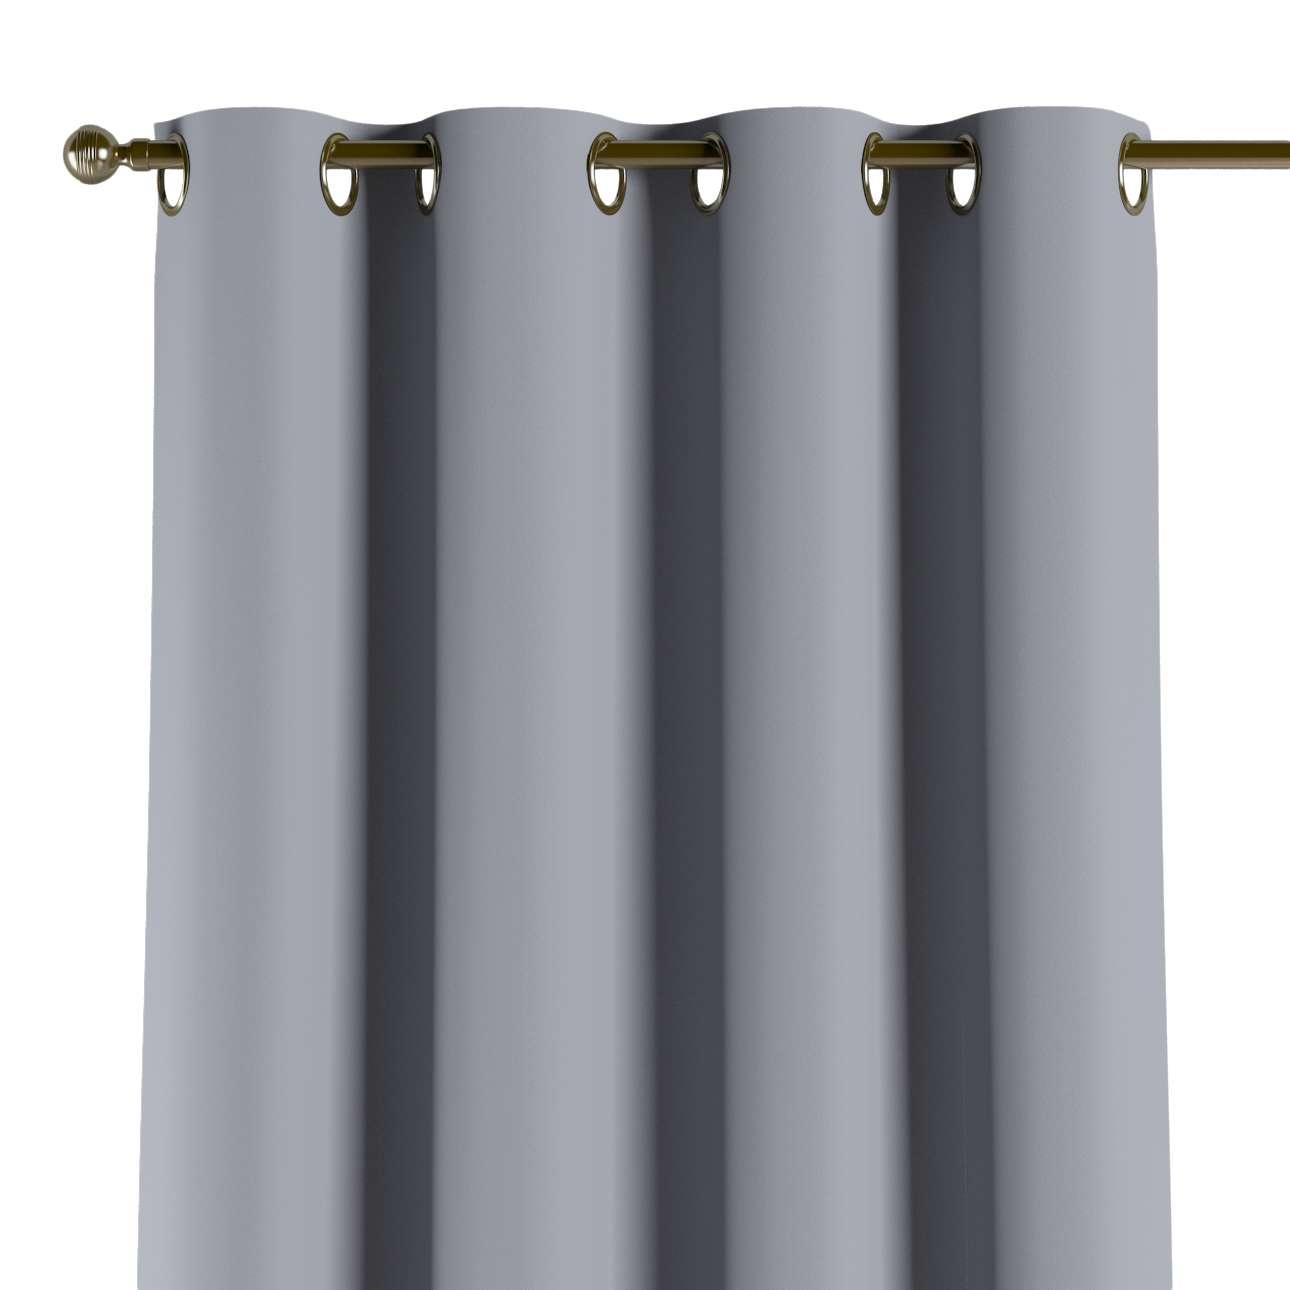 Gardin mørklægning med øskner 140x260 cm fra kollektionen Blackout mørklægning, Stof: 269-96